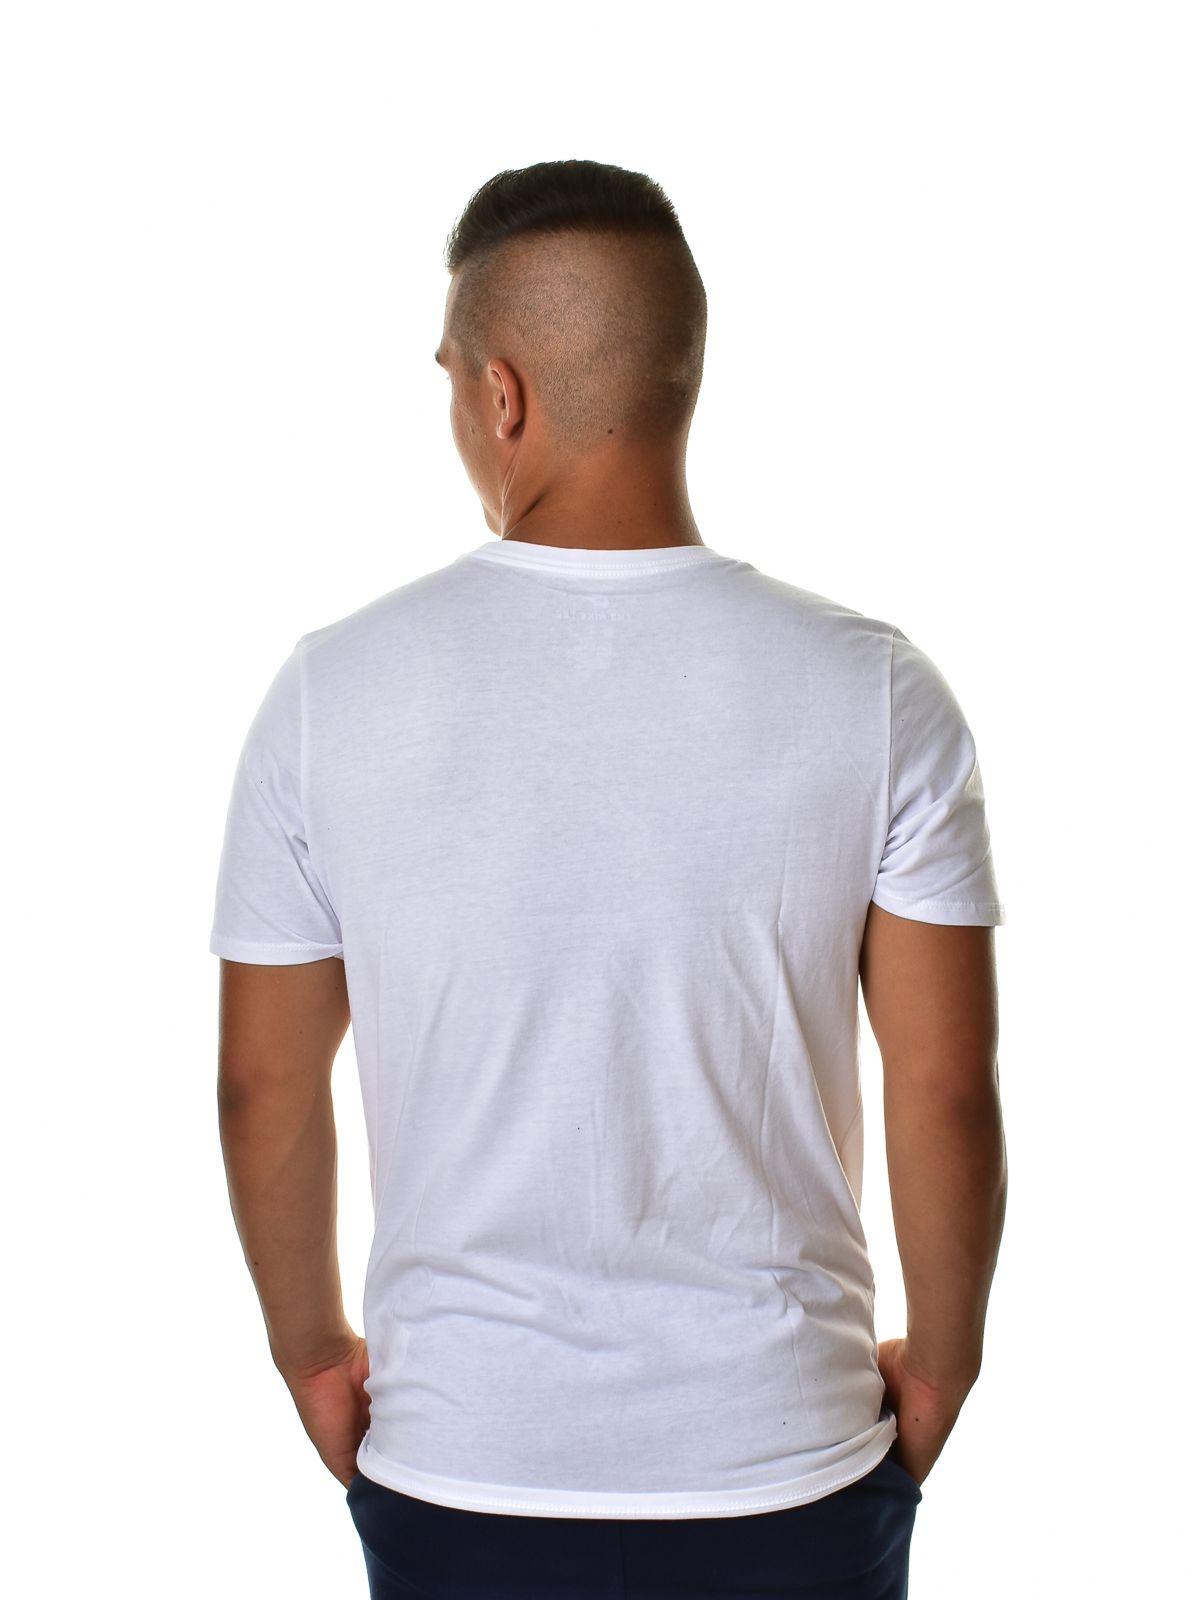 1650199a22 Nike Férfi póló | Markasbolt.hu Hivatalos NIKE forgalmazó